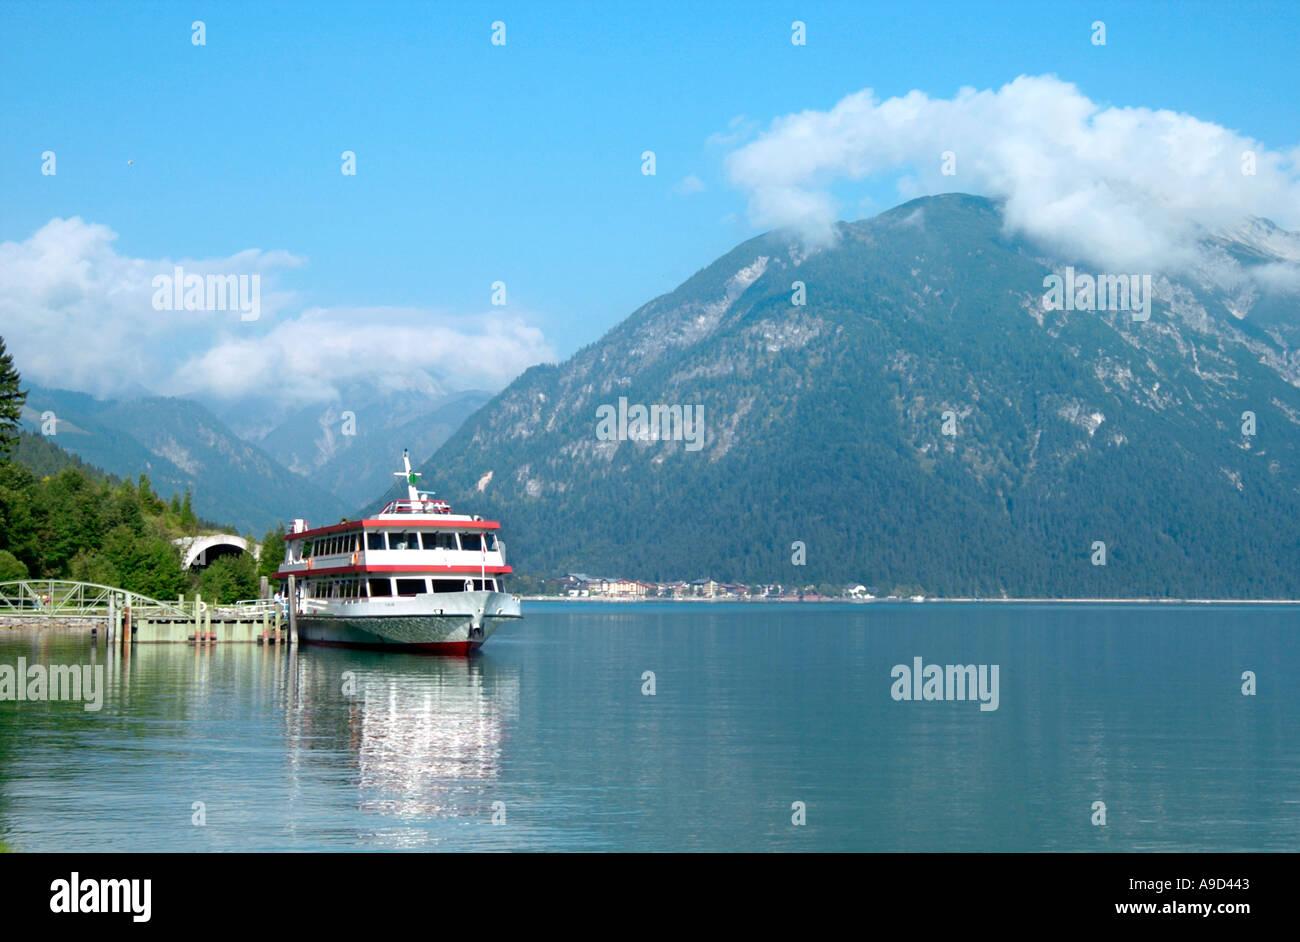 Viaggio ancorata in traghetto sul lago tra Maurach e Pertisau, Lago Achensee, Tirolo, Austria Immagini Stock